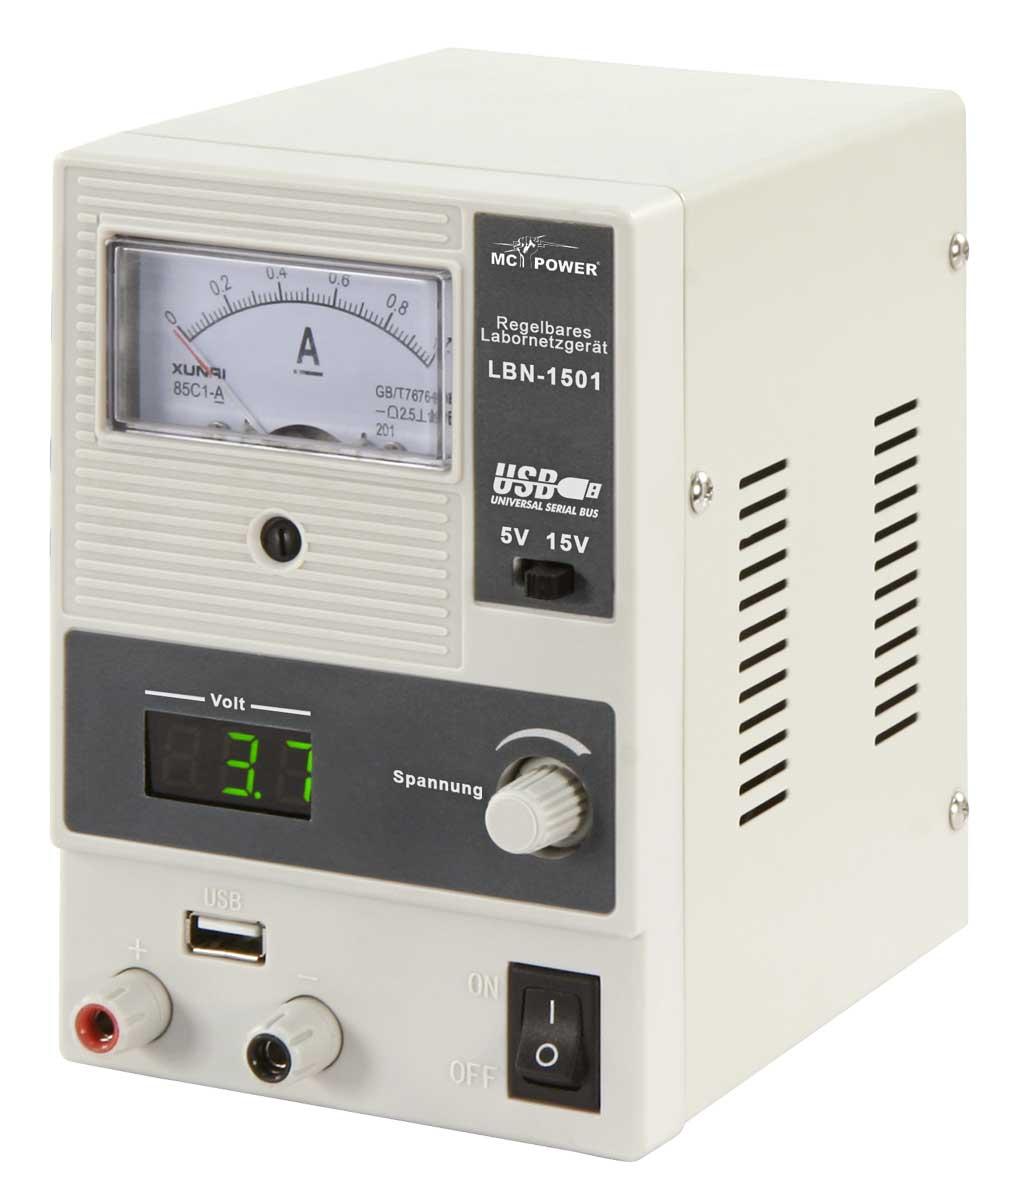 Labornetzgerät 0-15V 1A Analog / Digitalanzeige USB